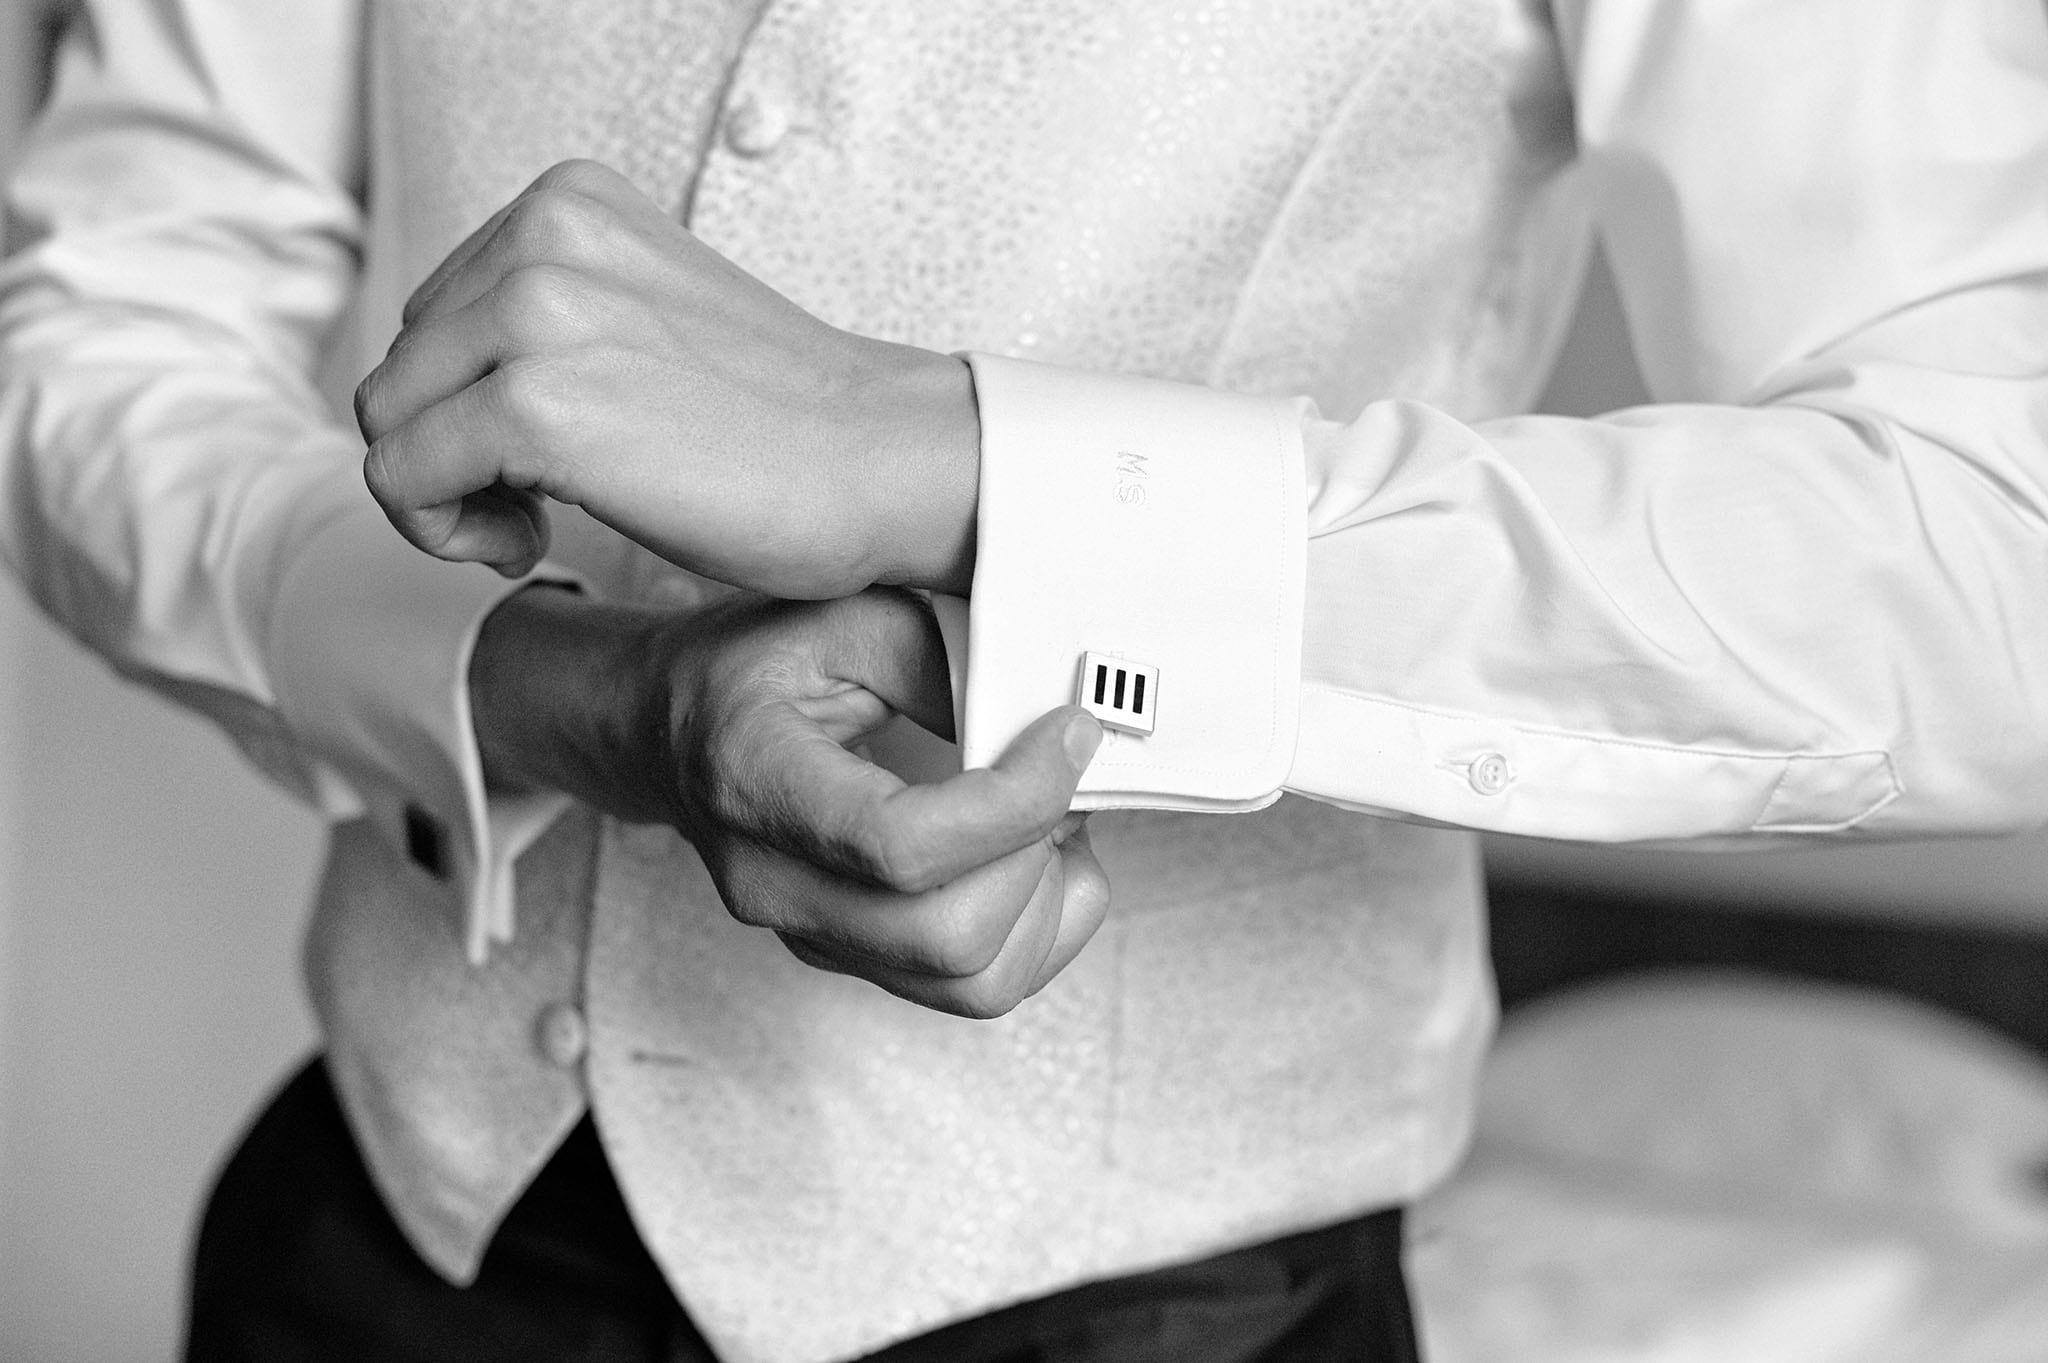 Hochzeit 024 Bräutigam Hochzeit heiraten Hochzeitsfoto Hemd Manschettenknopf Hochzeitsfotografie Daniel Fuss Fotografie